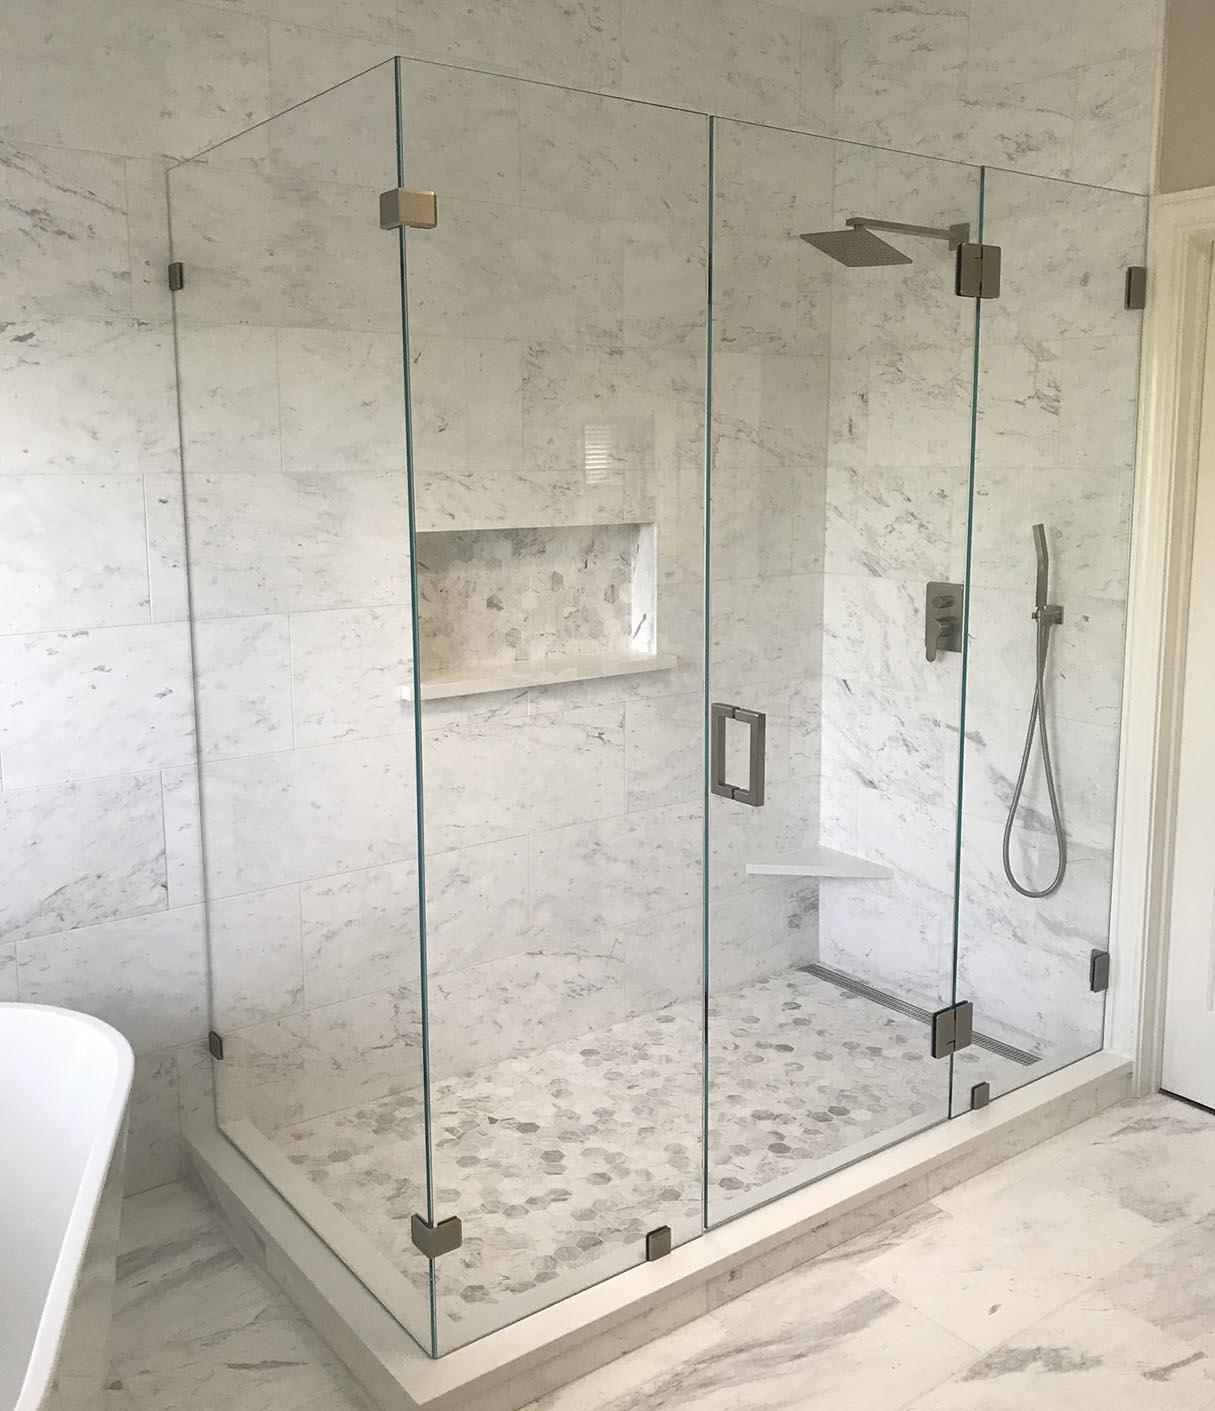 Lợi ích khi dùng tấm mica làm vách ngăn phòng tắm